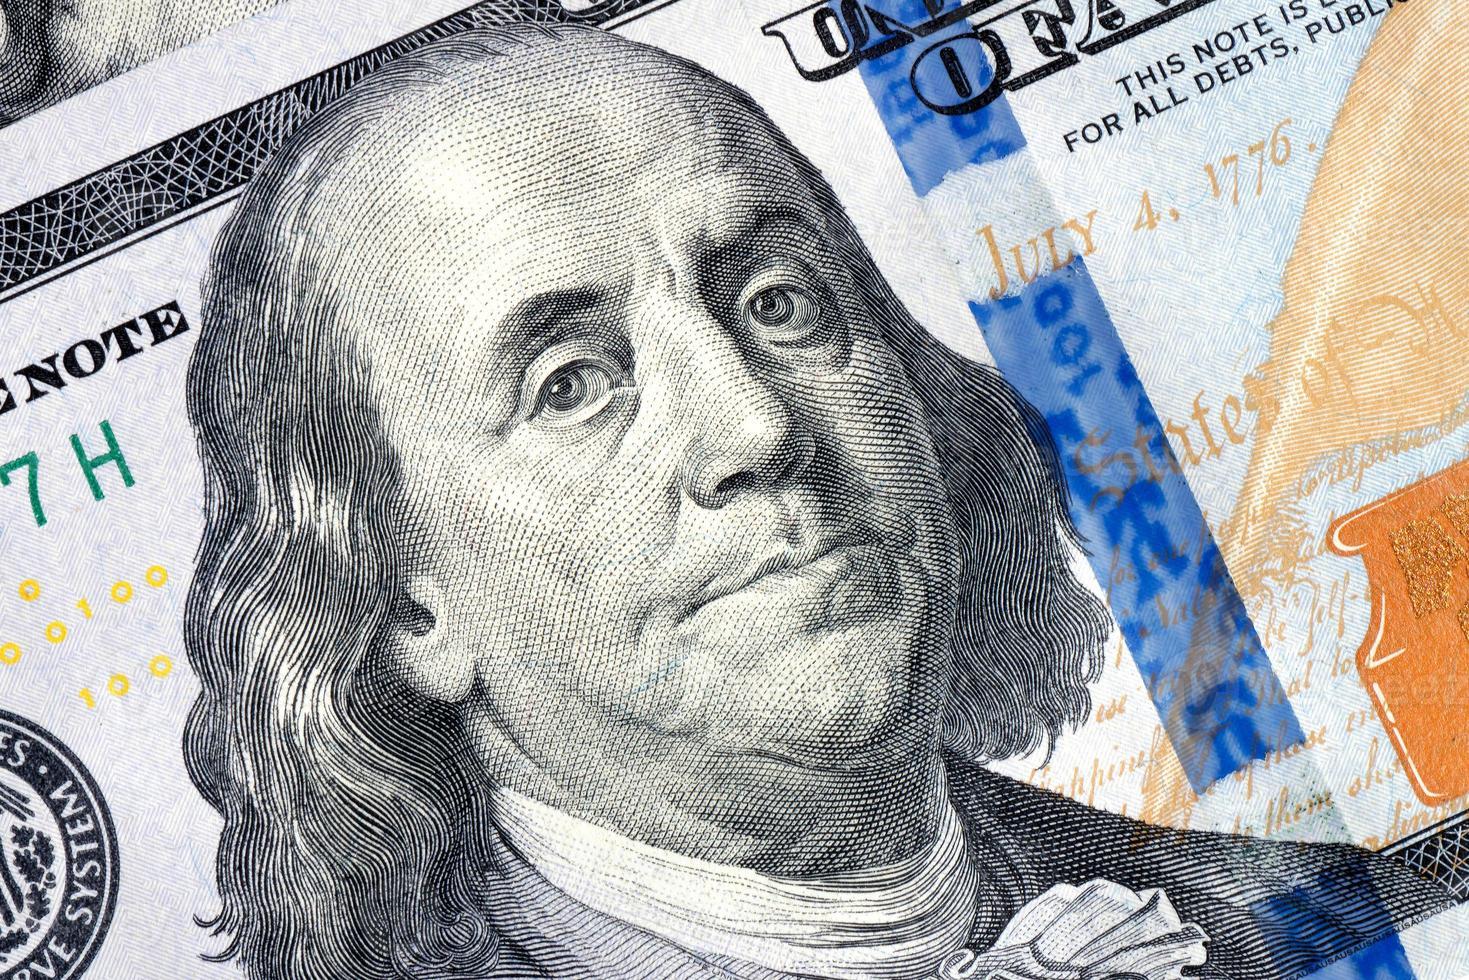 Benjamin Franklin billet de 100 dollars photo